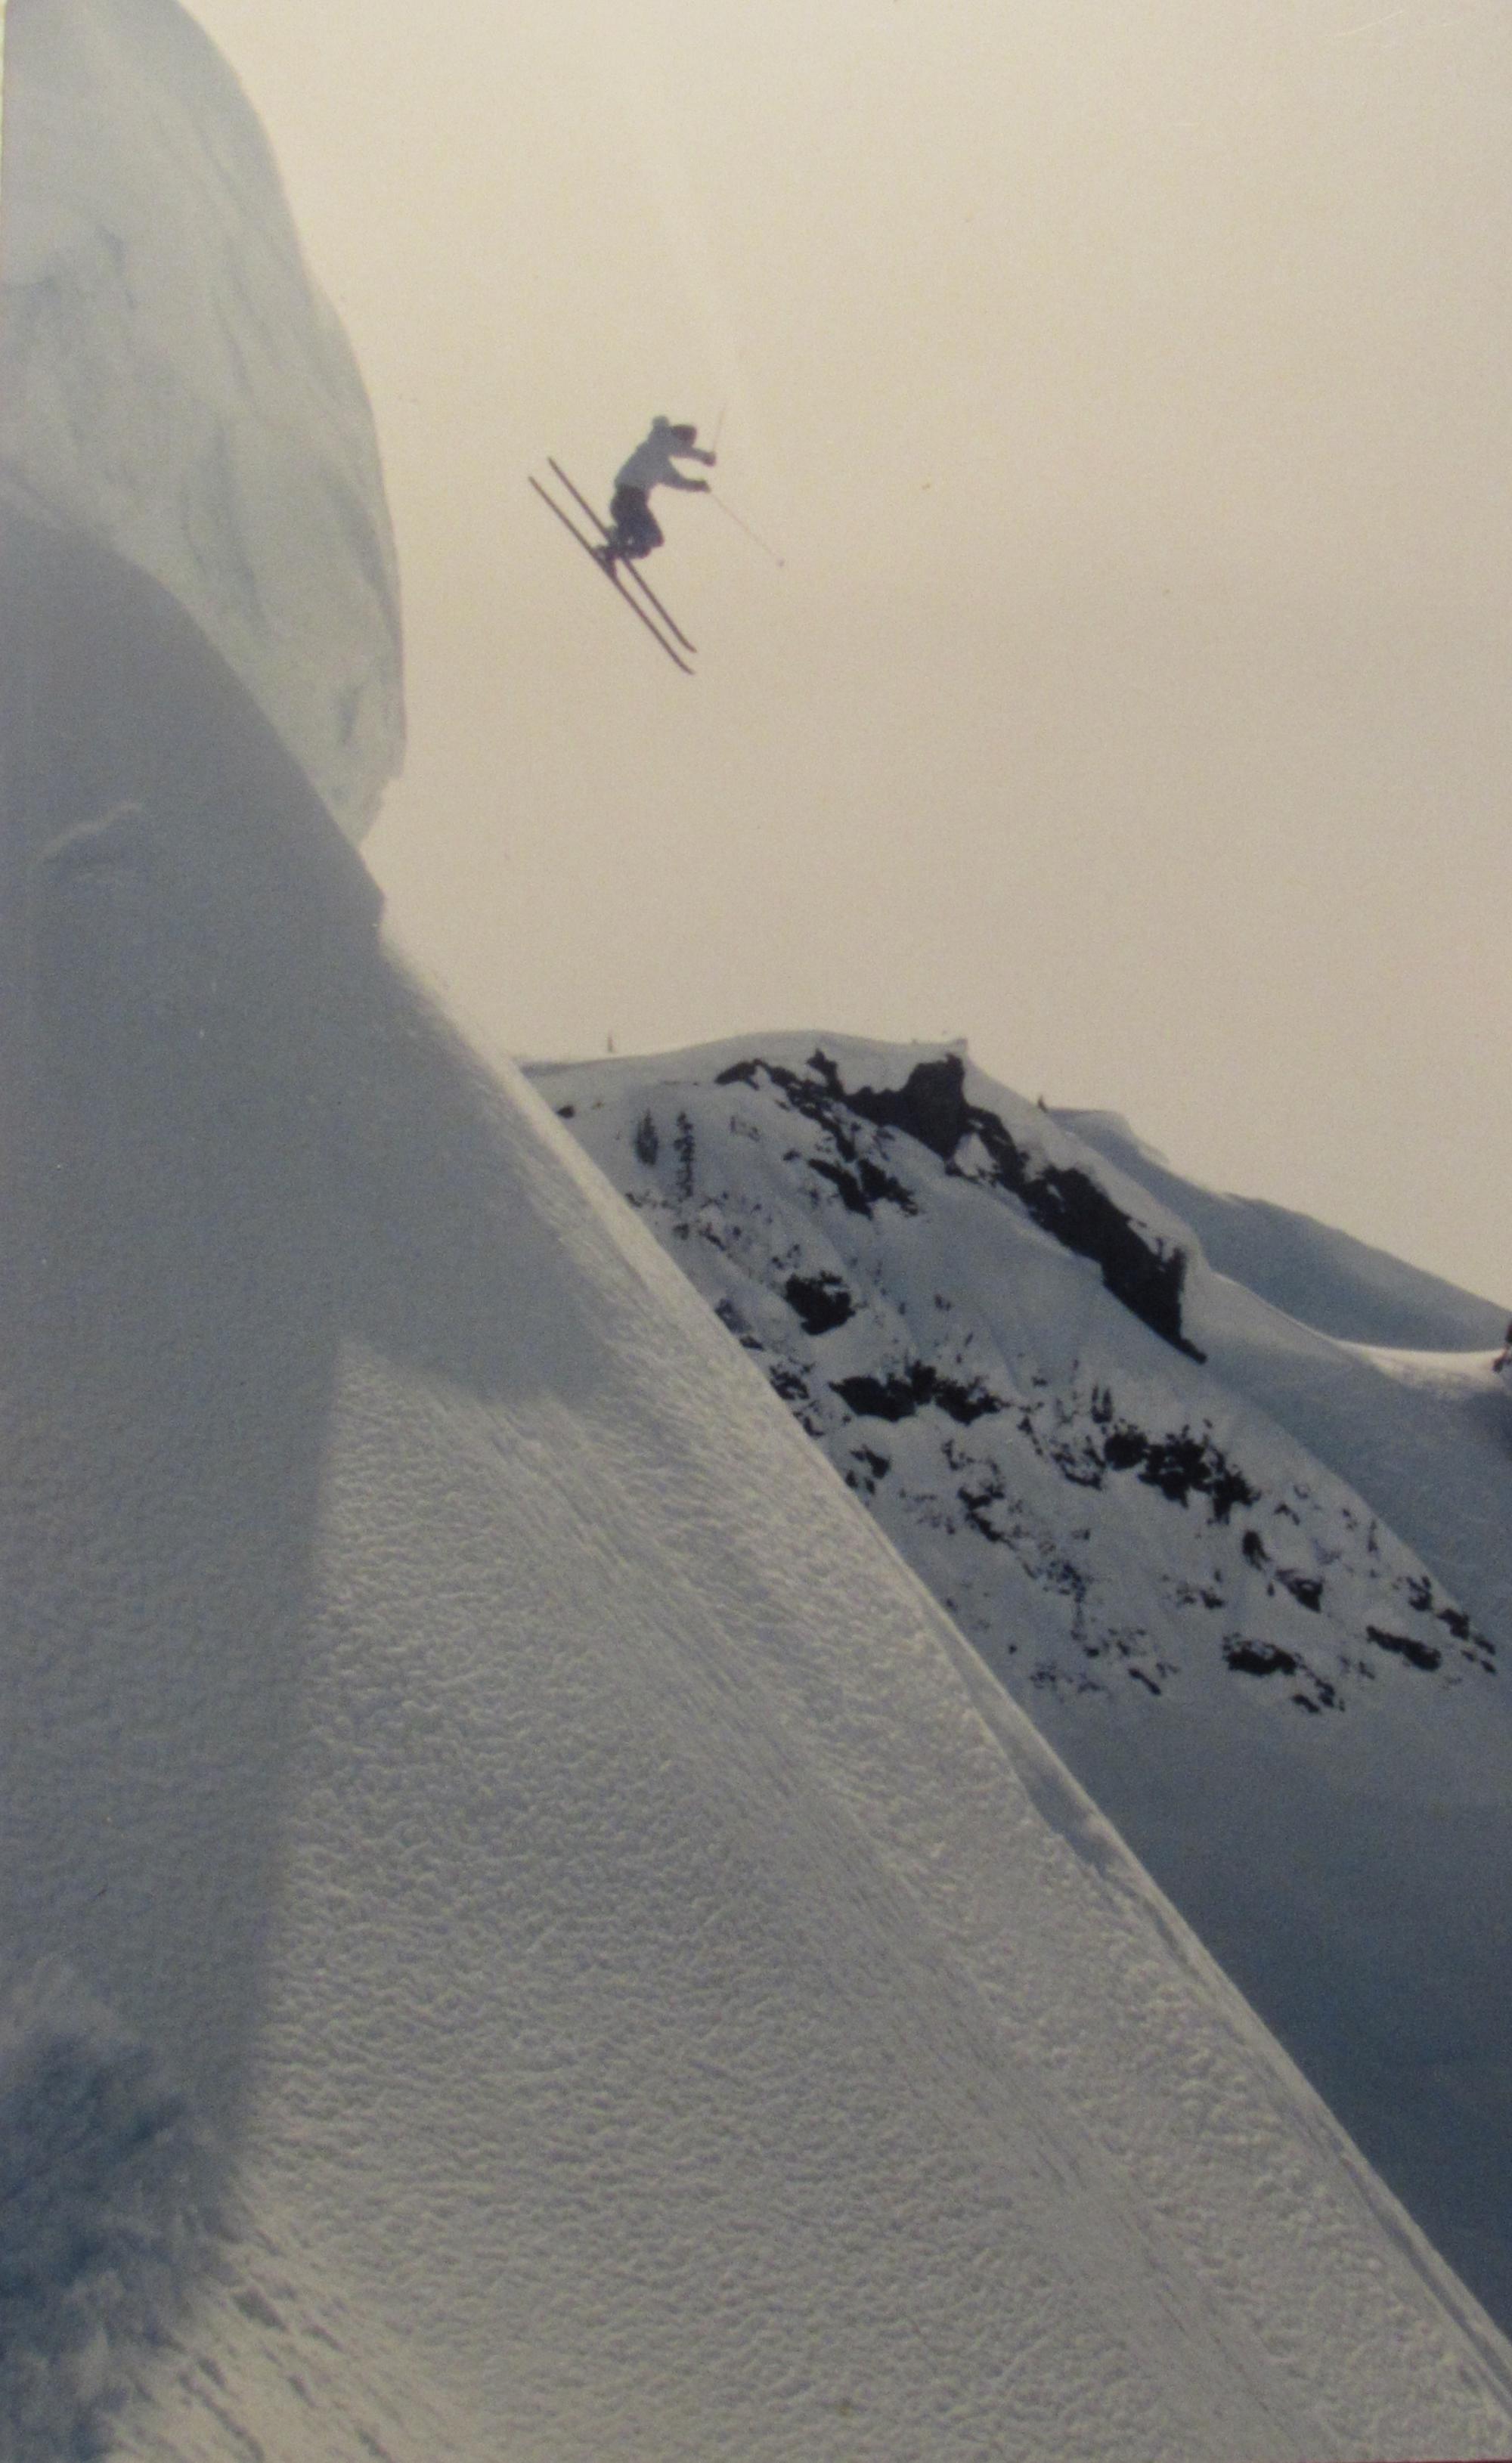 2018-03-12-souvenir-ski-002